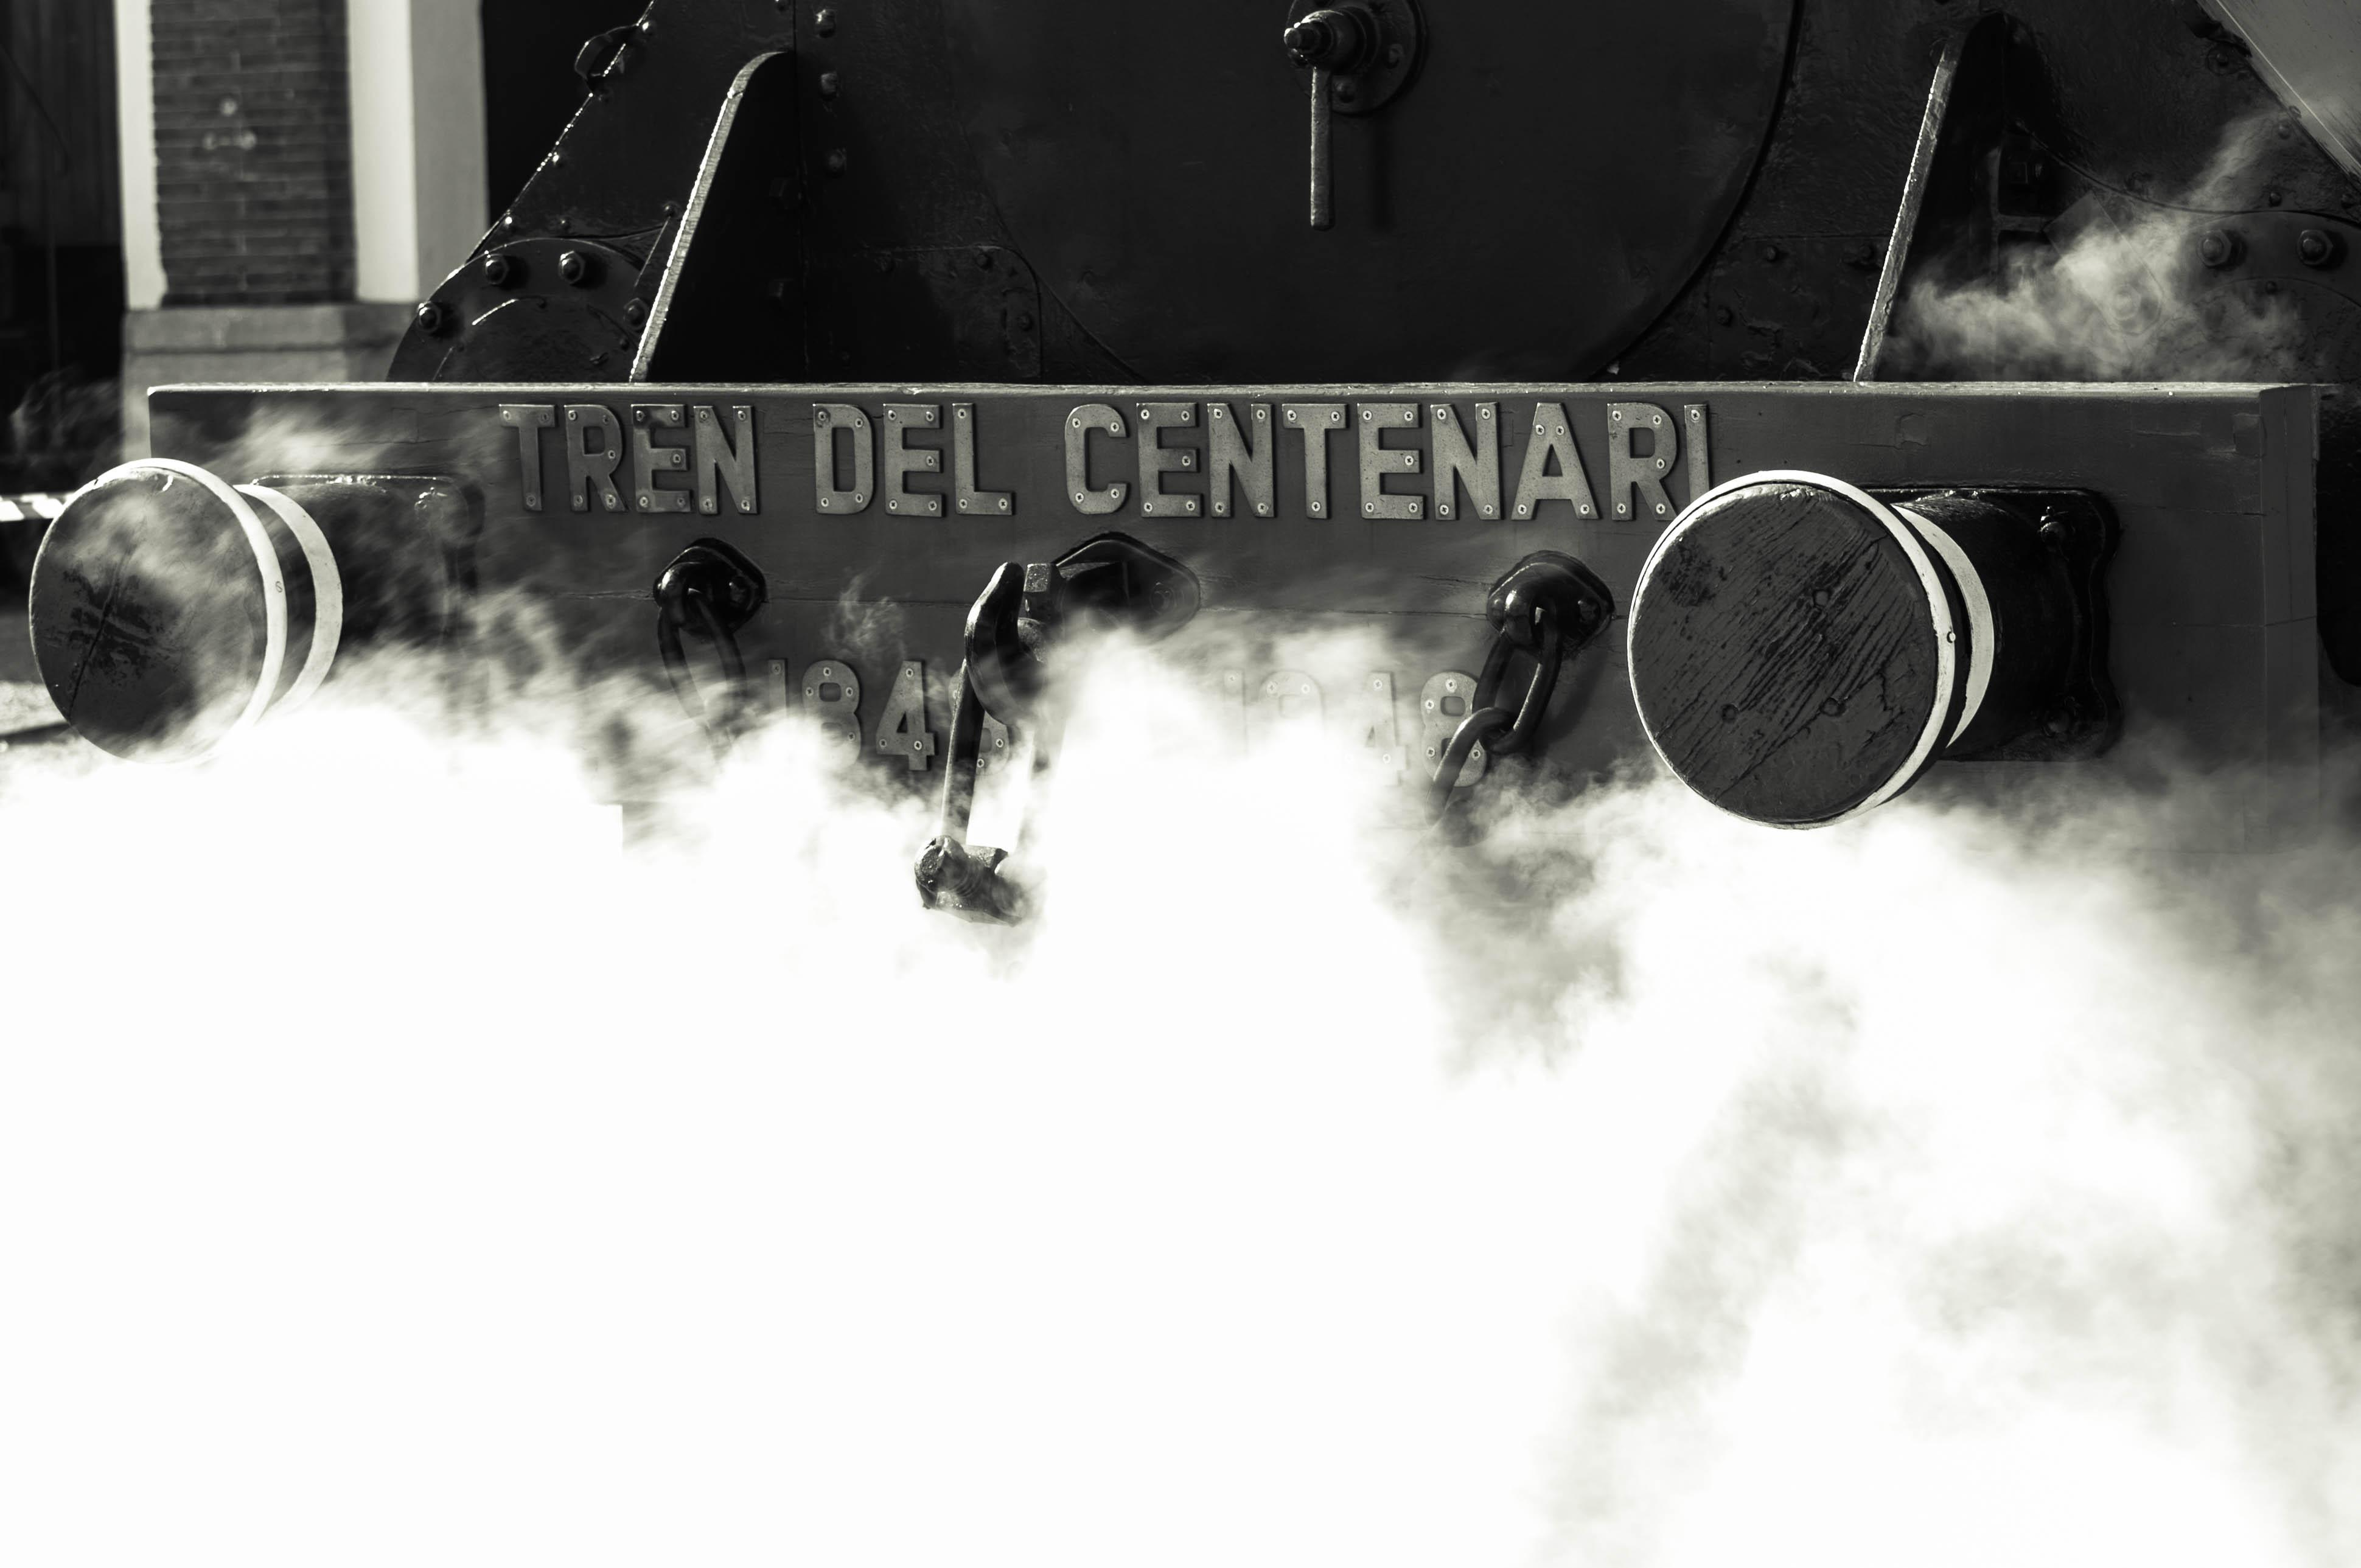 La Mataró con vapor Cursos fotografía Barcelona